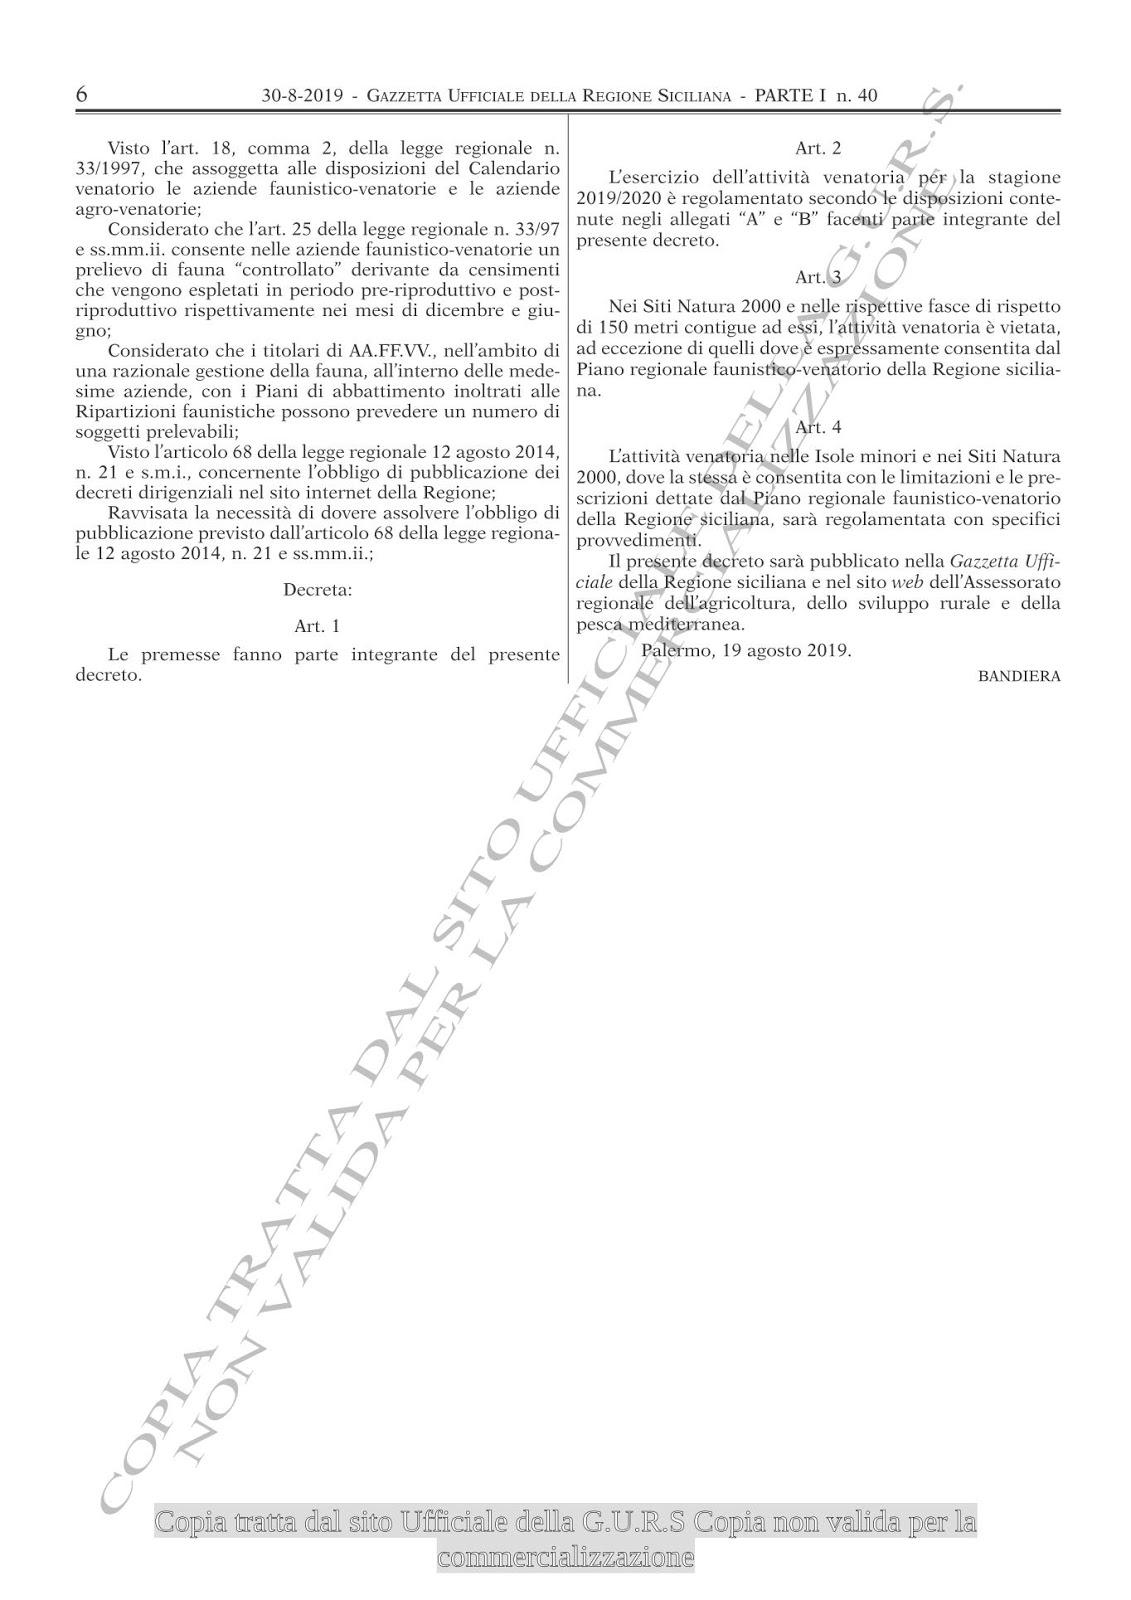 Gazzetta Ufficiale Calendario Venatorio Sicilia.Vigopensiero Agosto 2019